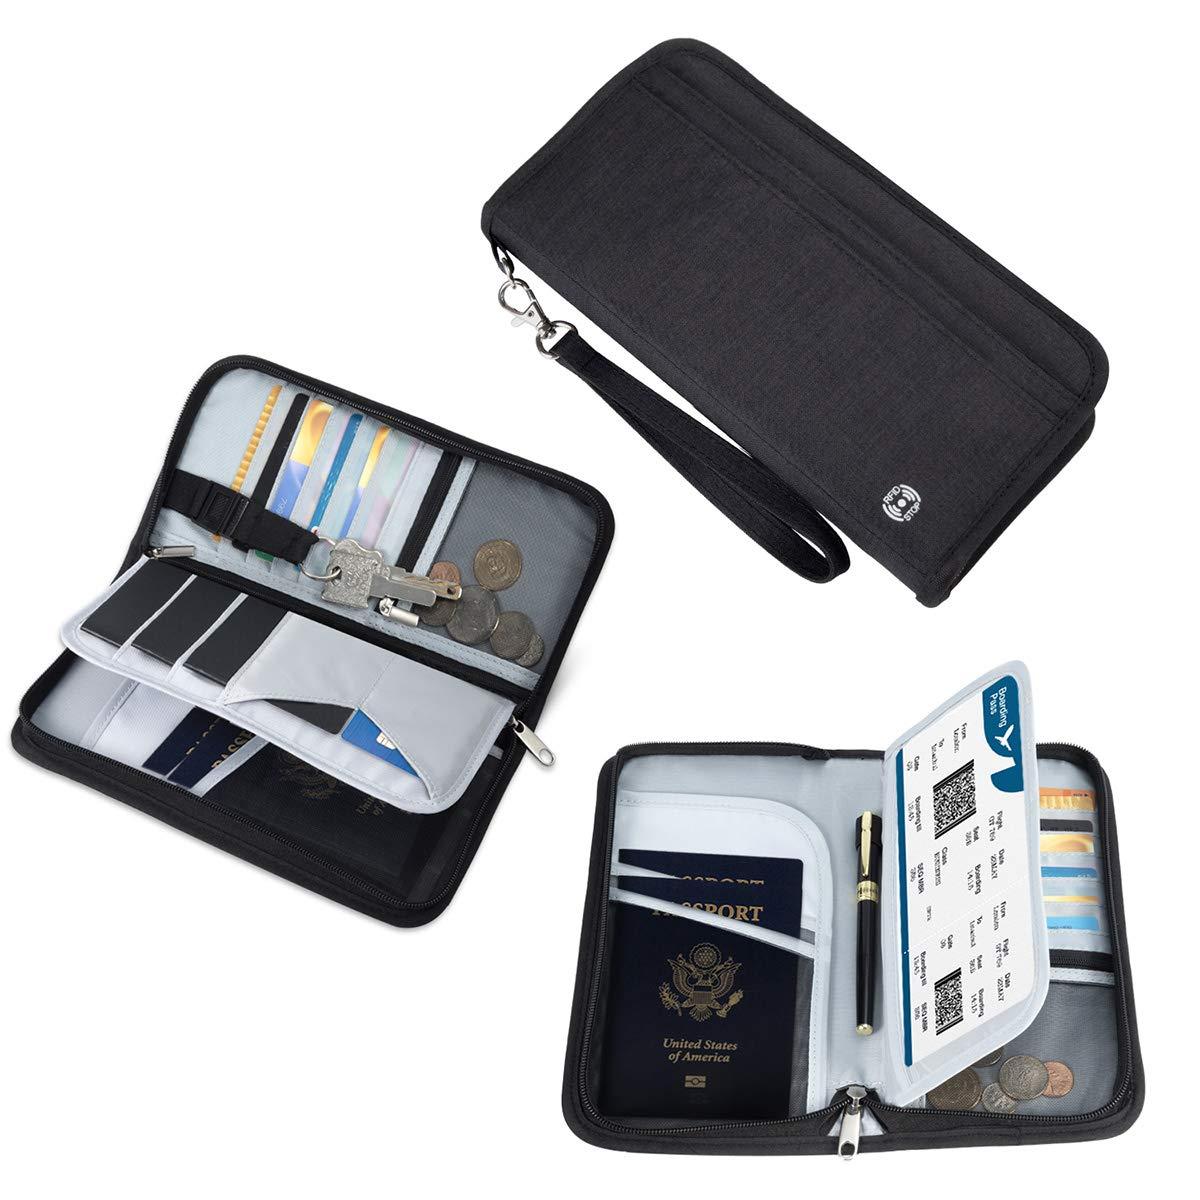 Vemingo Porte-Passeport Portefeuille de Voyage Familial avec Blocage RFID  Porte-Document Pochette Etui f212399572b